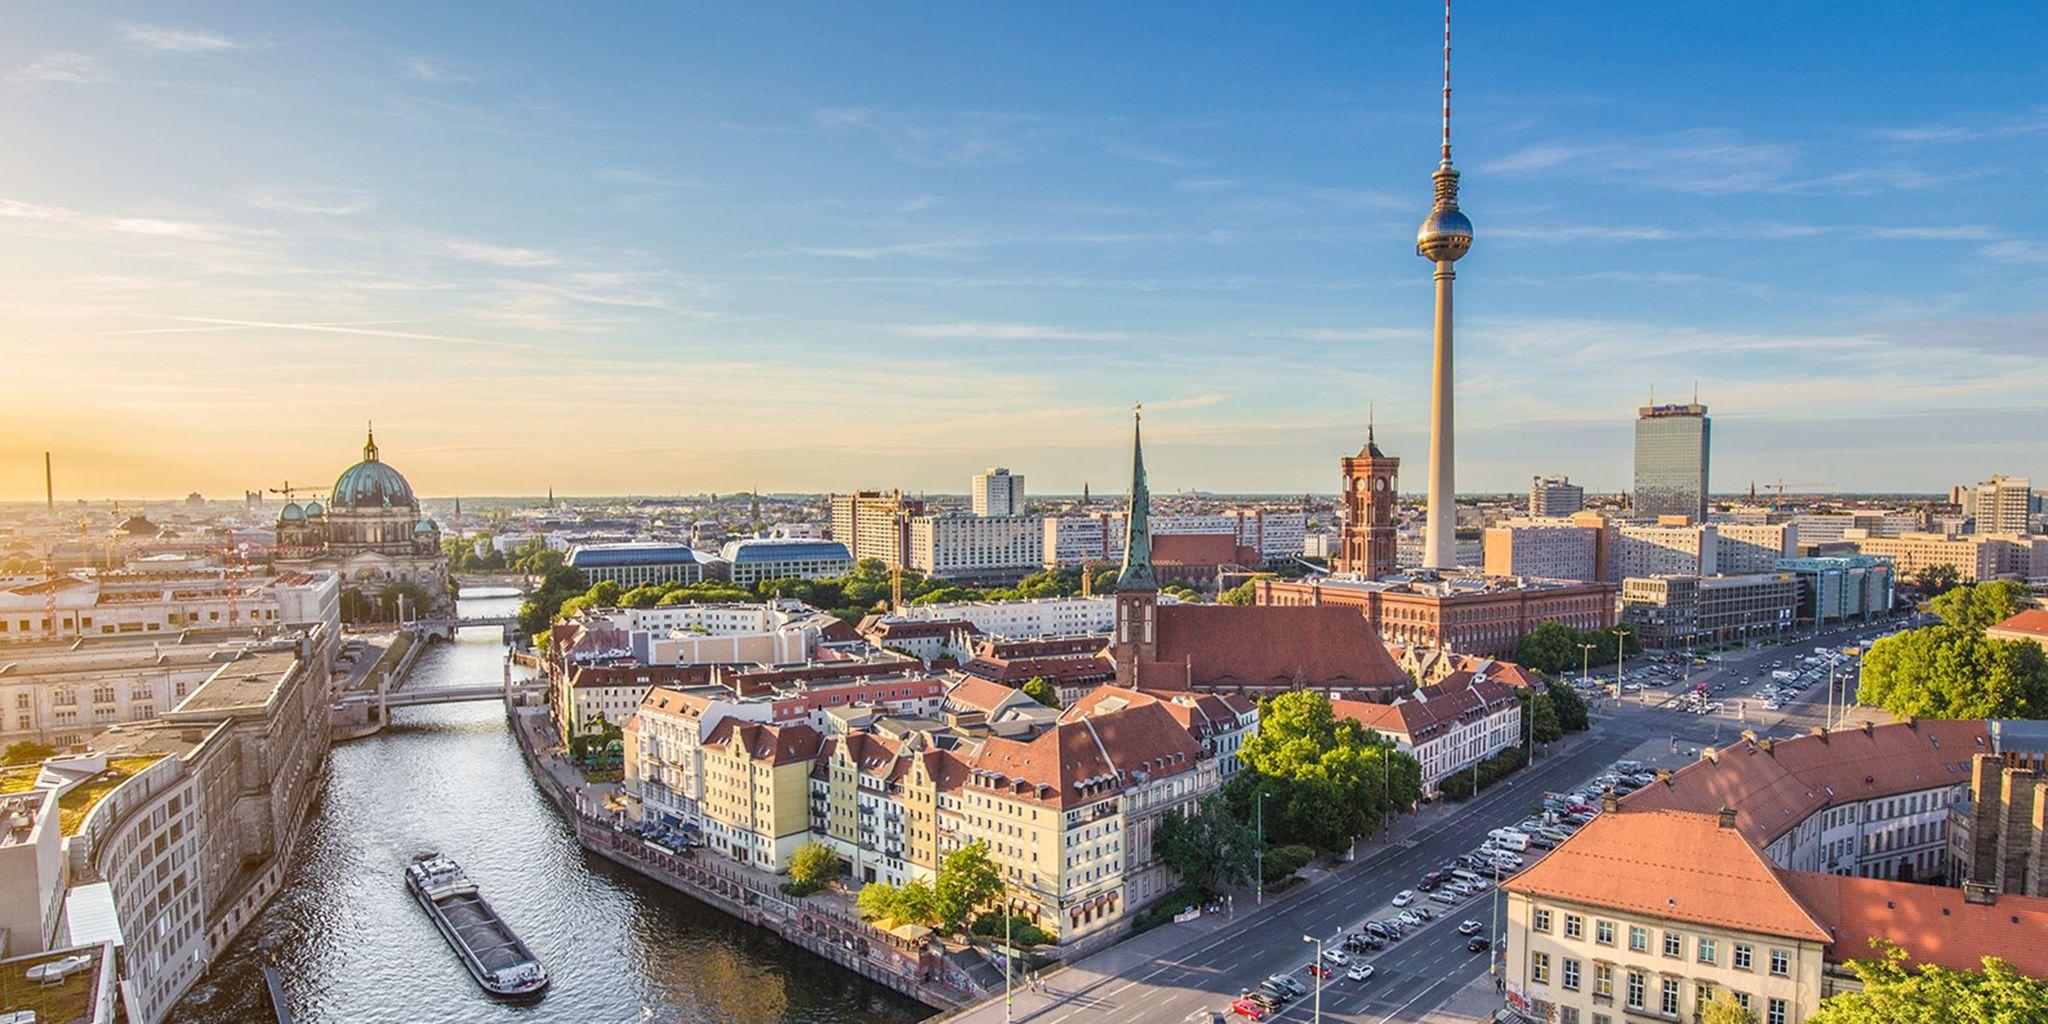 Kempinski Hotel Berlin Reviews